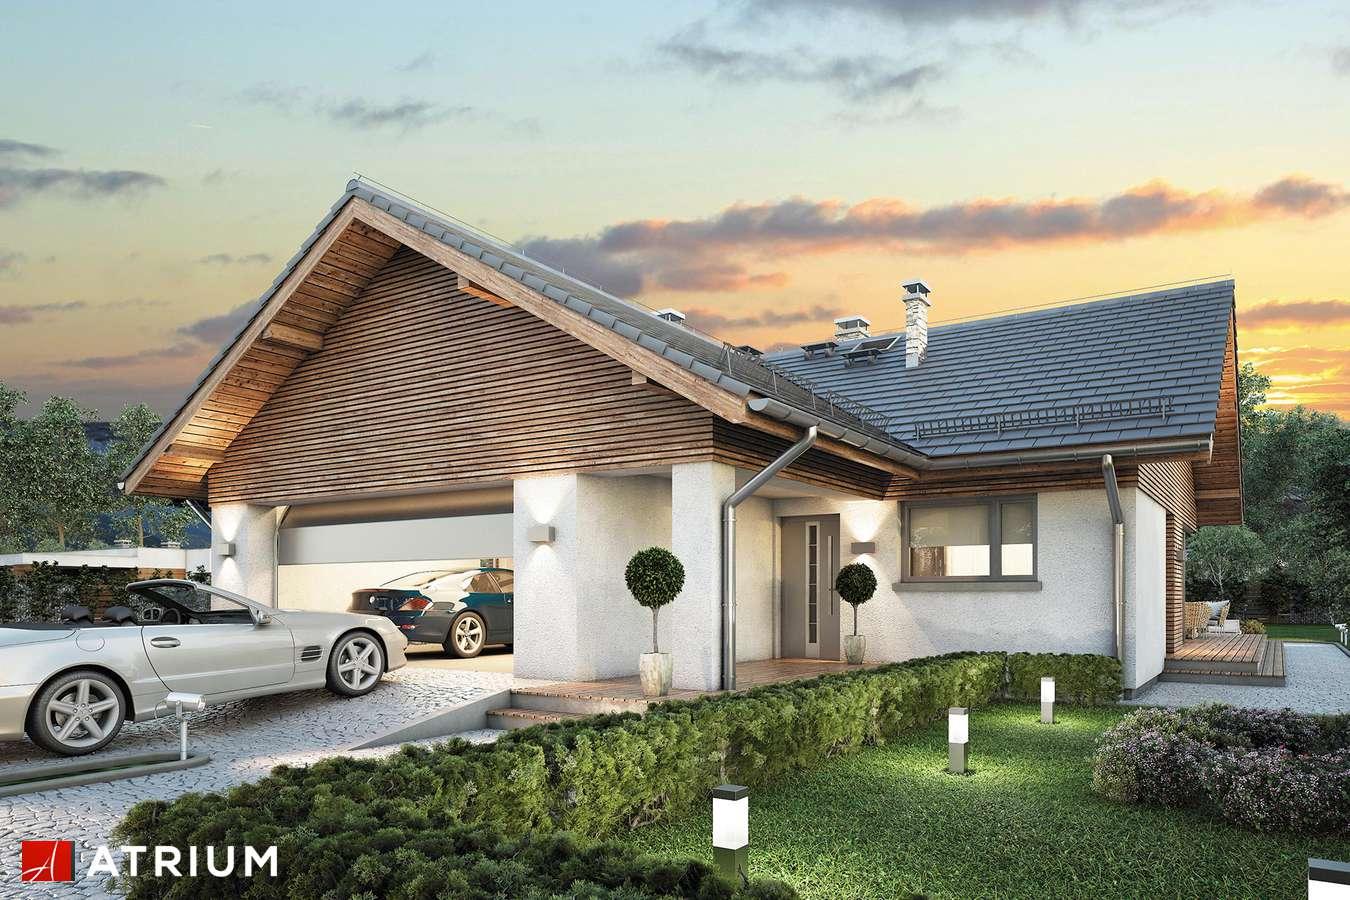 Projekty domów - Projekt domu parterowego WINSTON X - wizualizacja 1 - wersja lustrzana